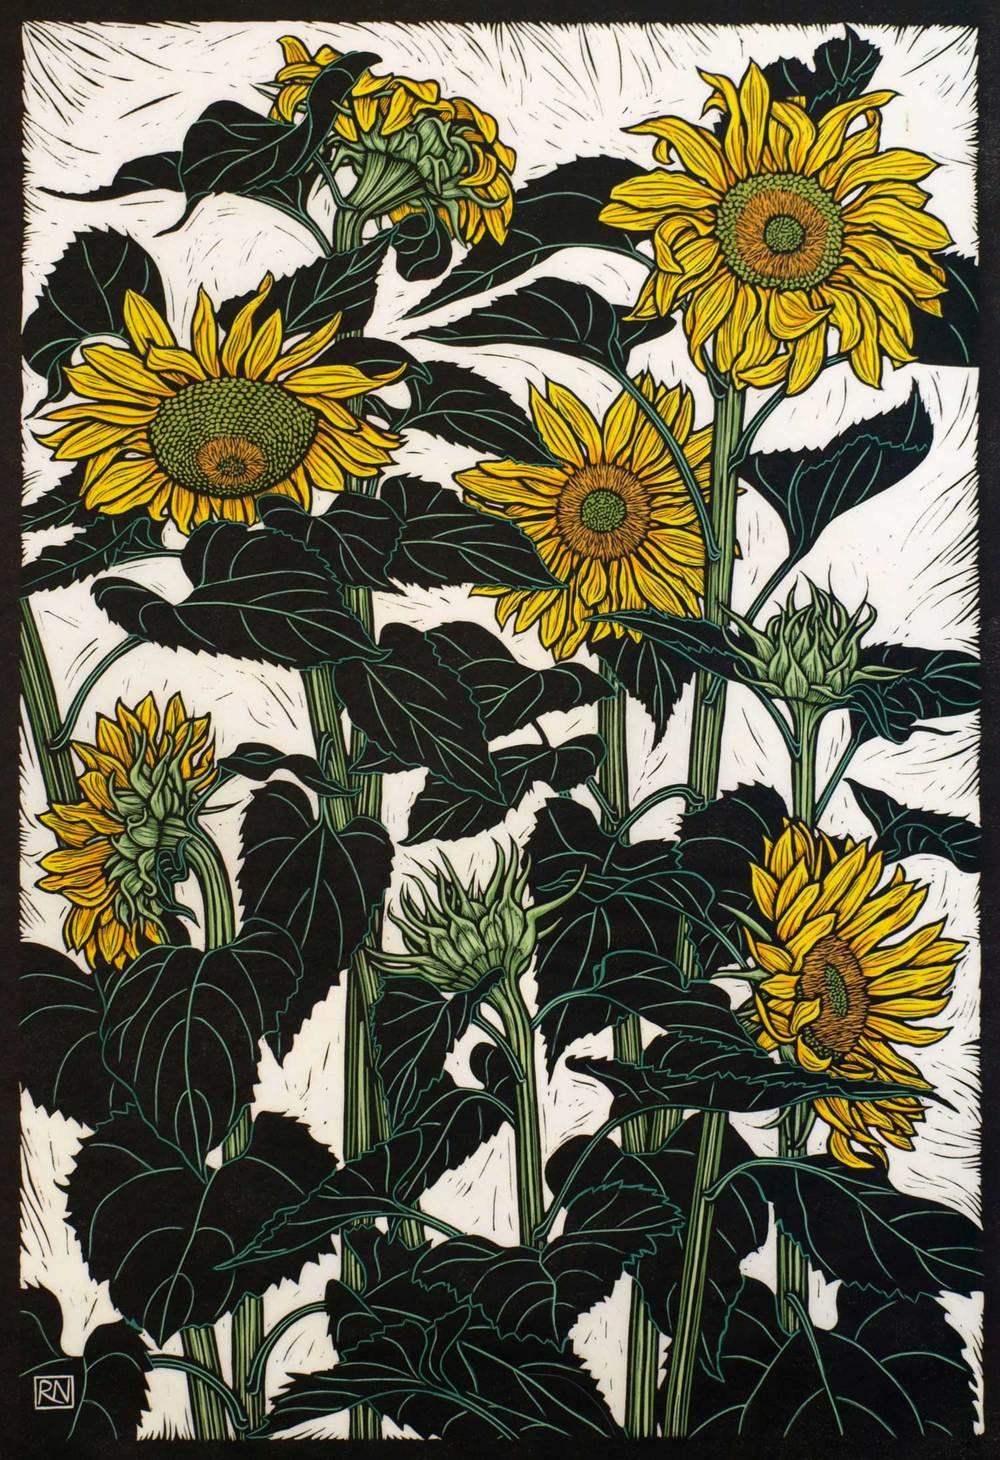 sunflowers-newport-linocut-rachel-newling.jpg